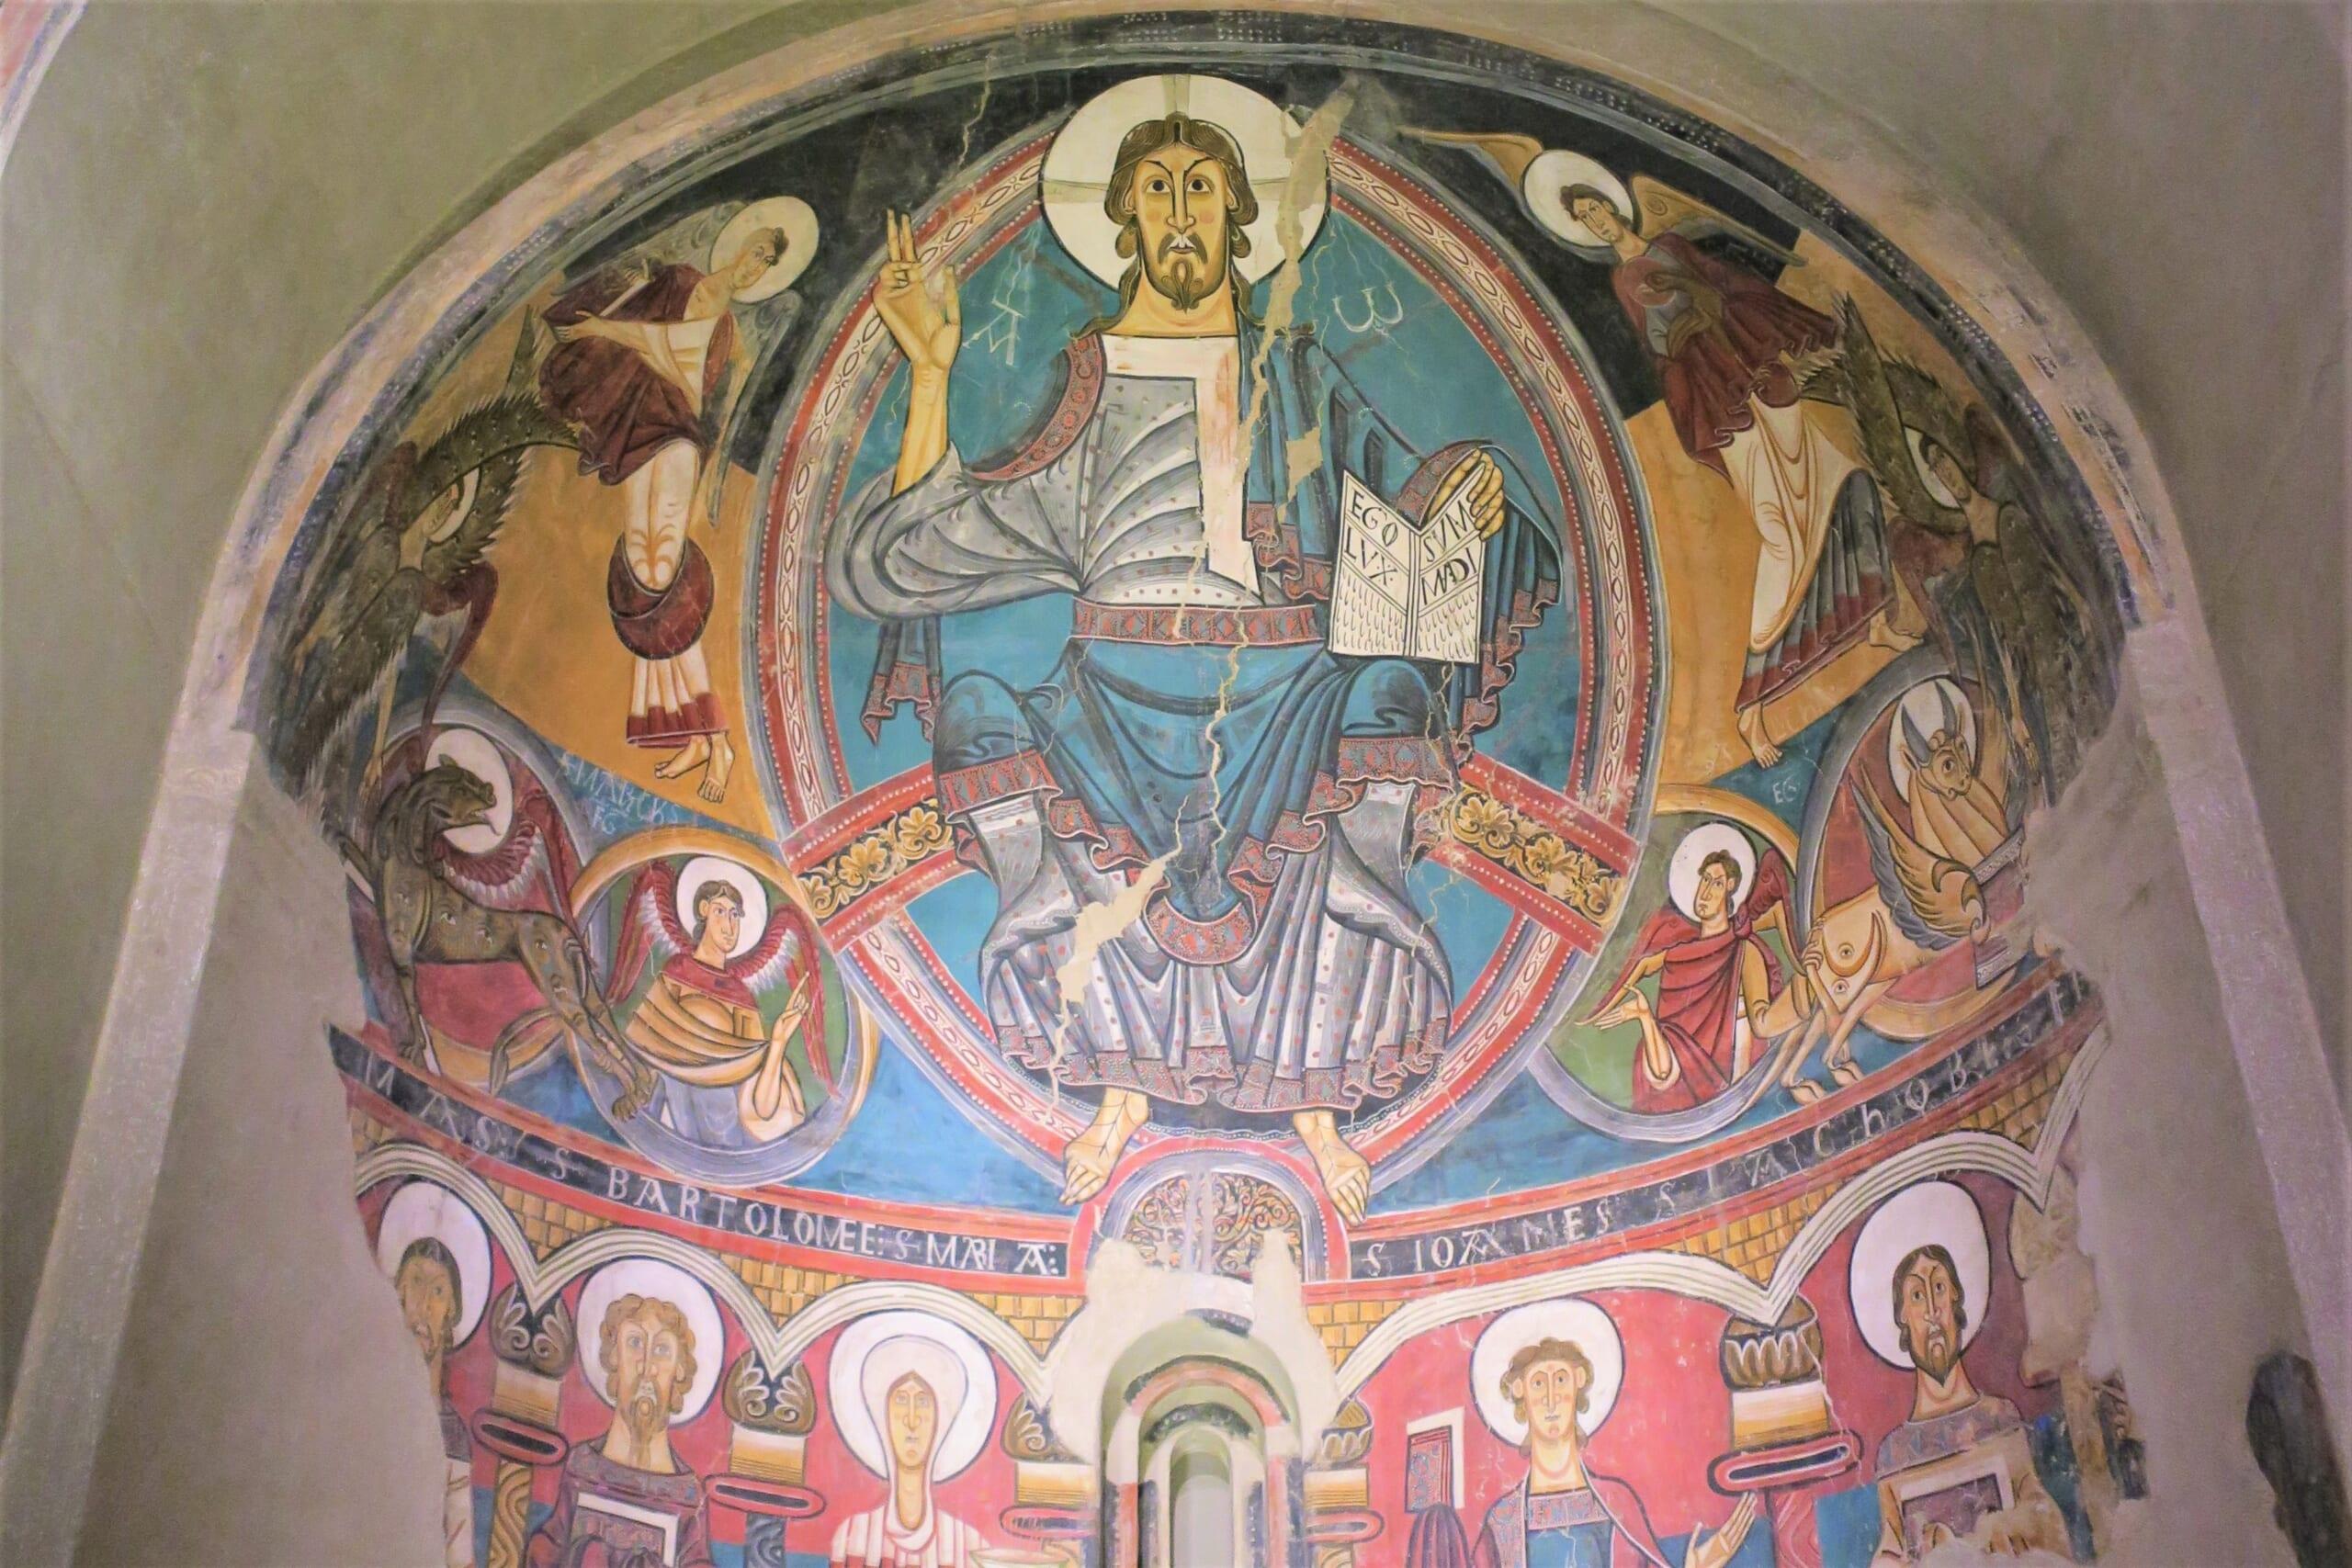 北スペインのロマネスク様式の壁画